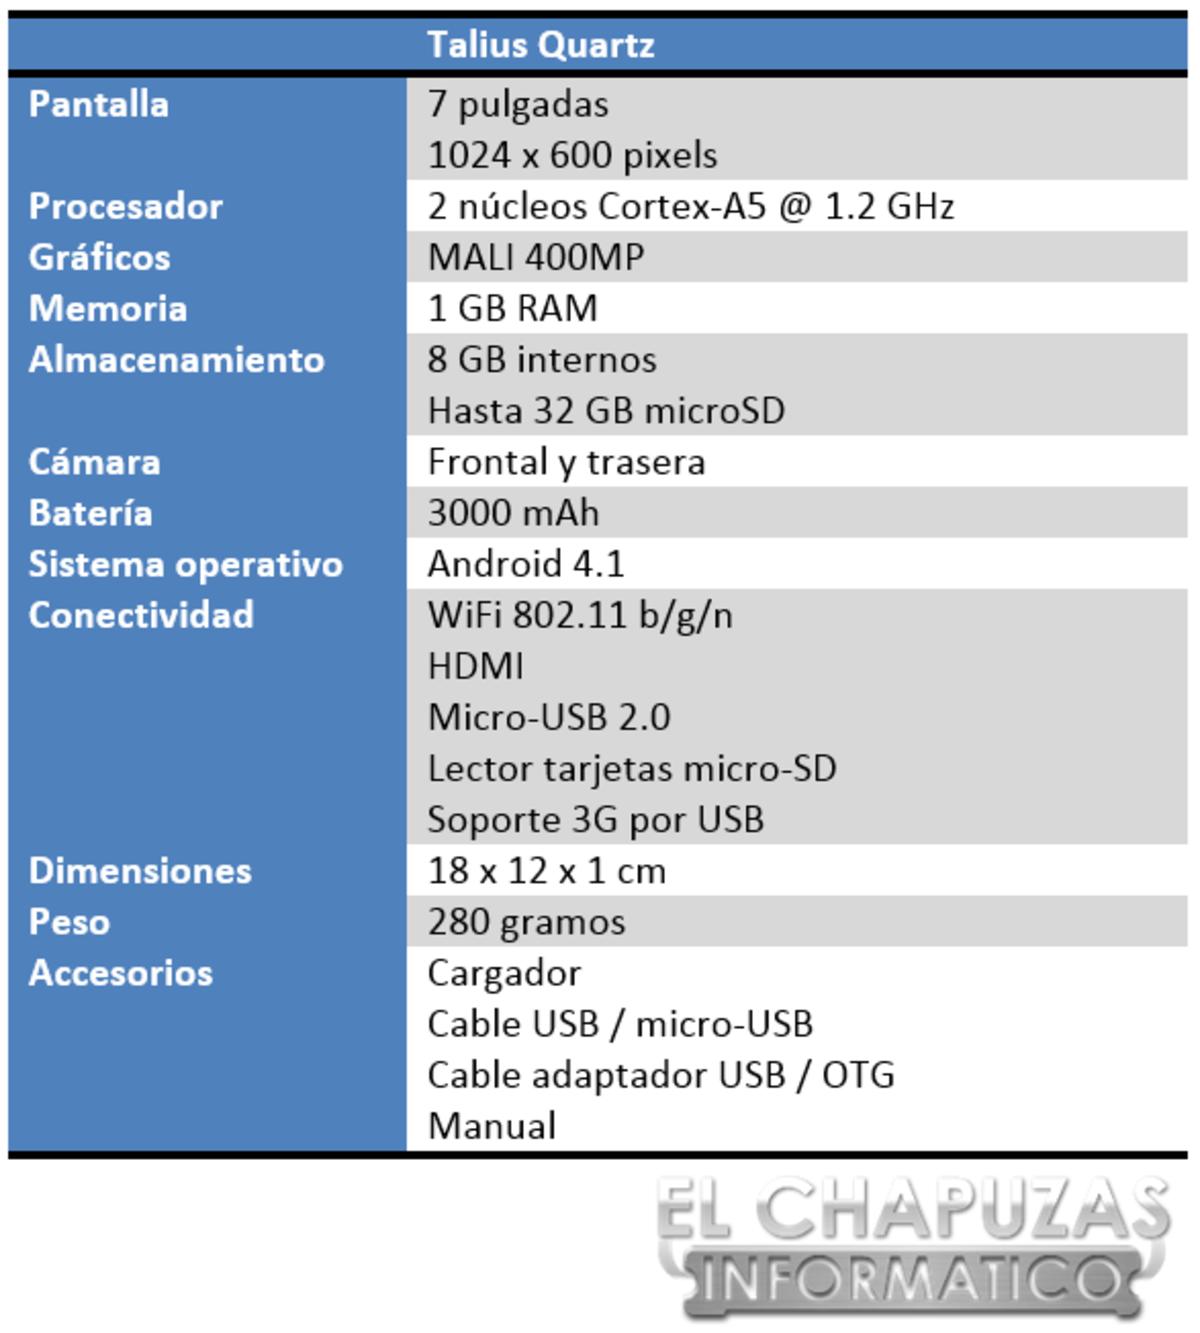 Talius Quartz Especificaciones 2